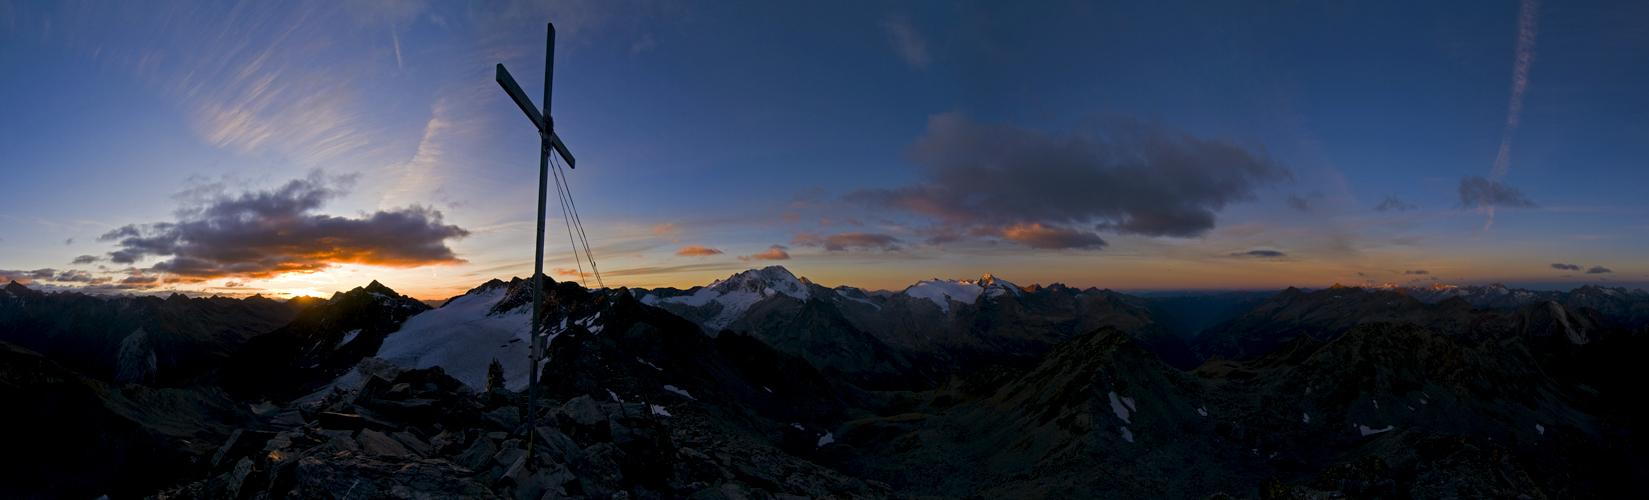 Früh am Morgen auf der Dreieckspitze...